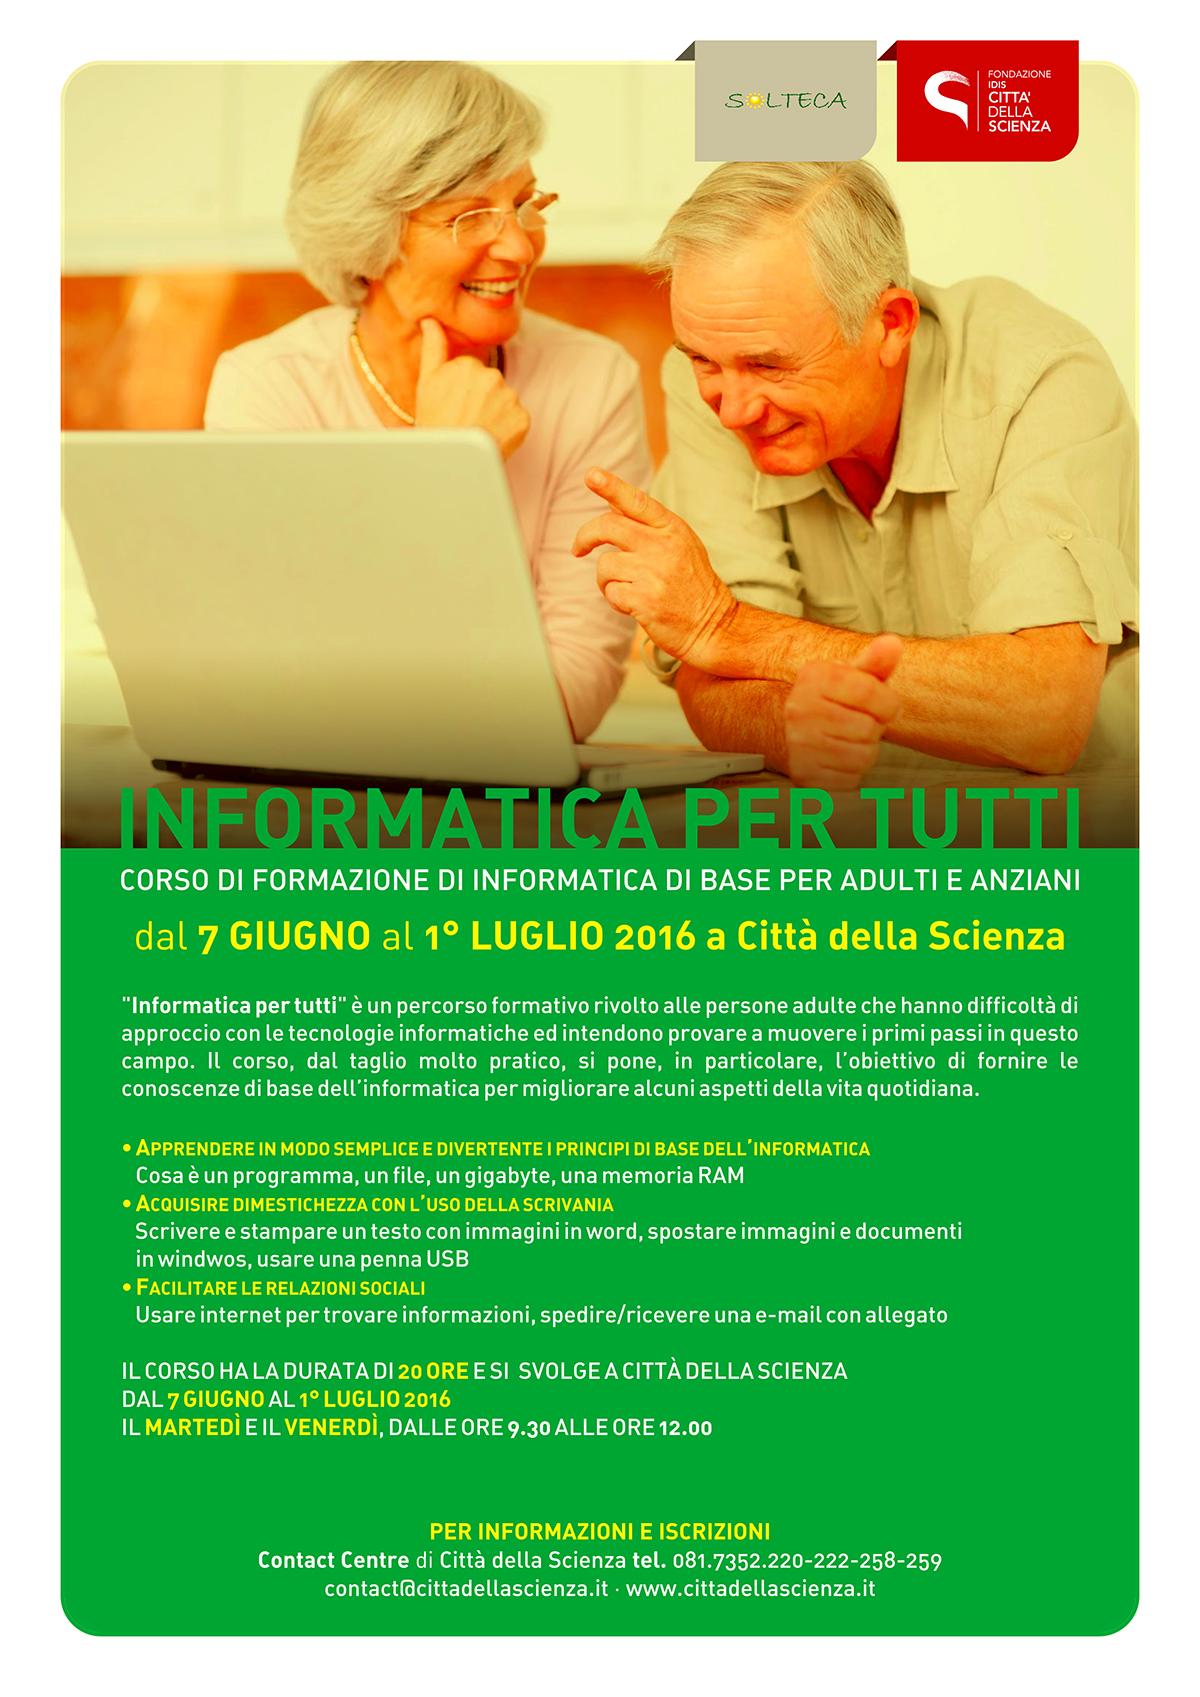 INFORMATICA_PER_TUTTI_A3_006.cdr